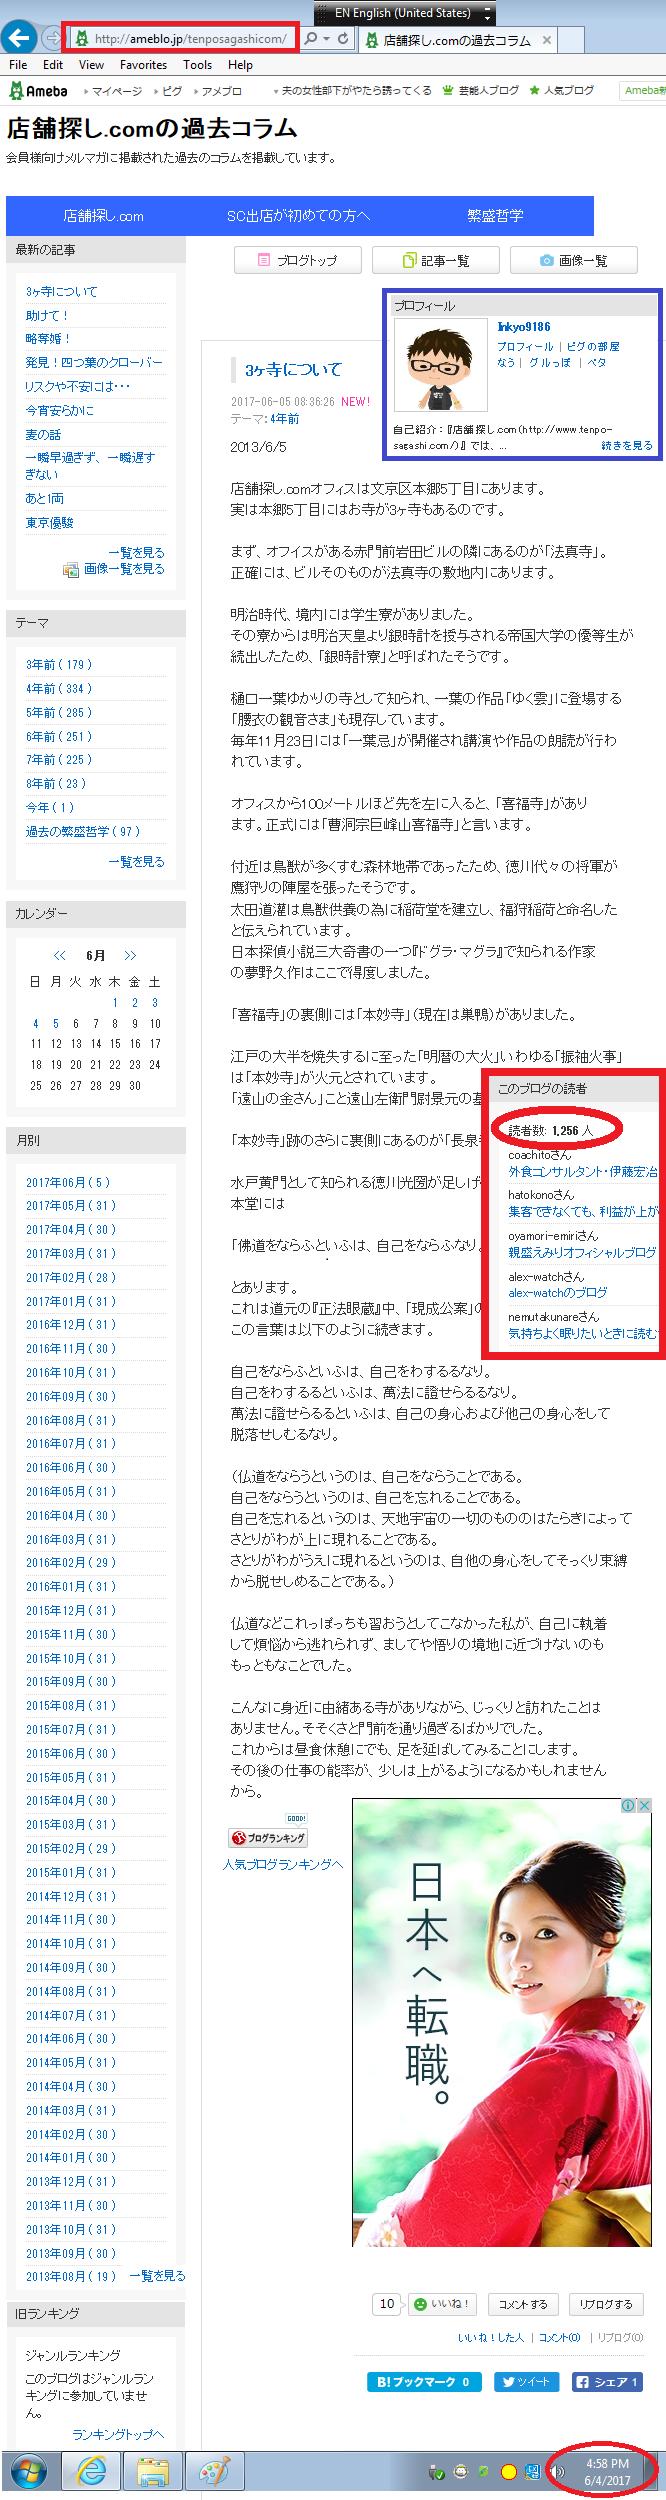 「店舗探し.com 過去コラム」 Inkyo9186 のブログ